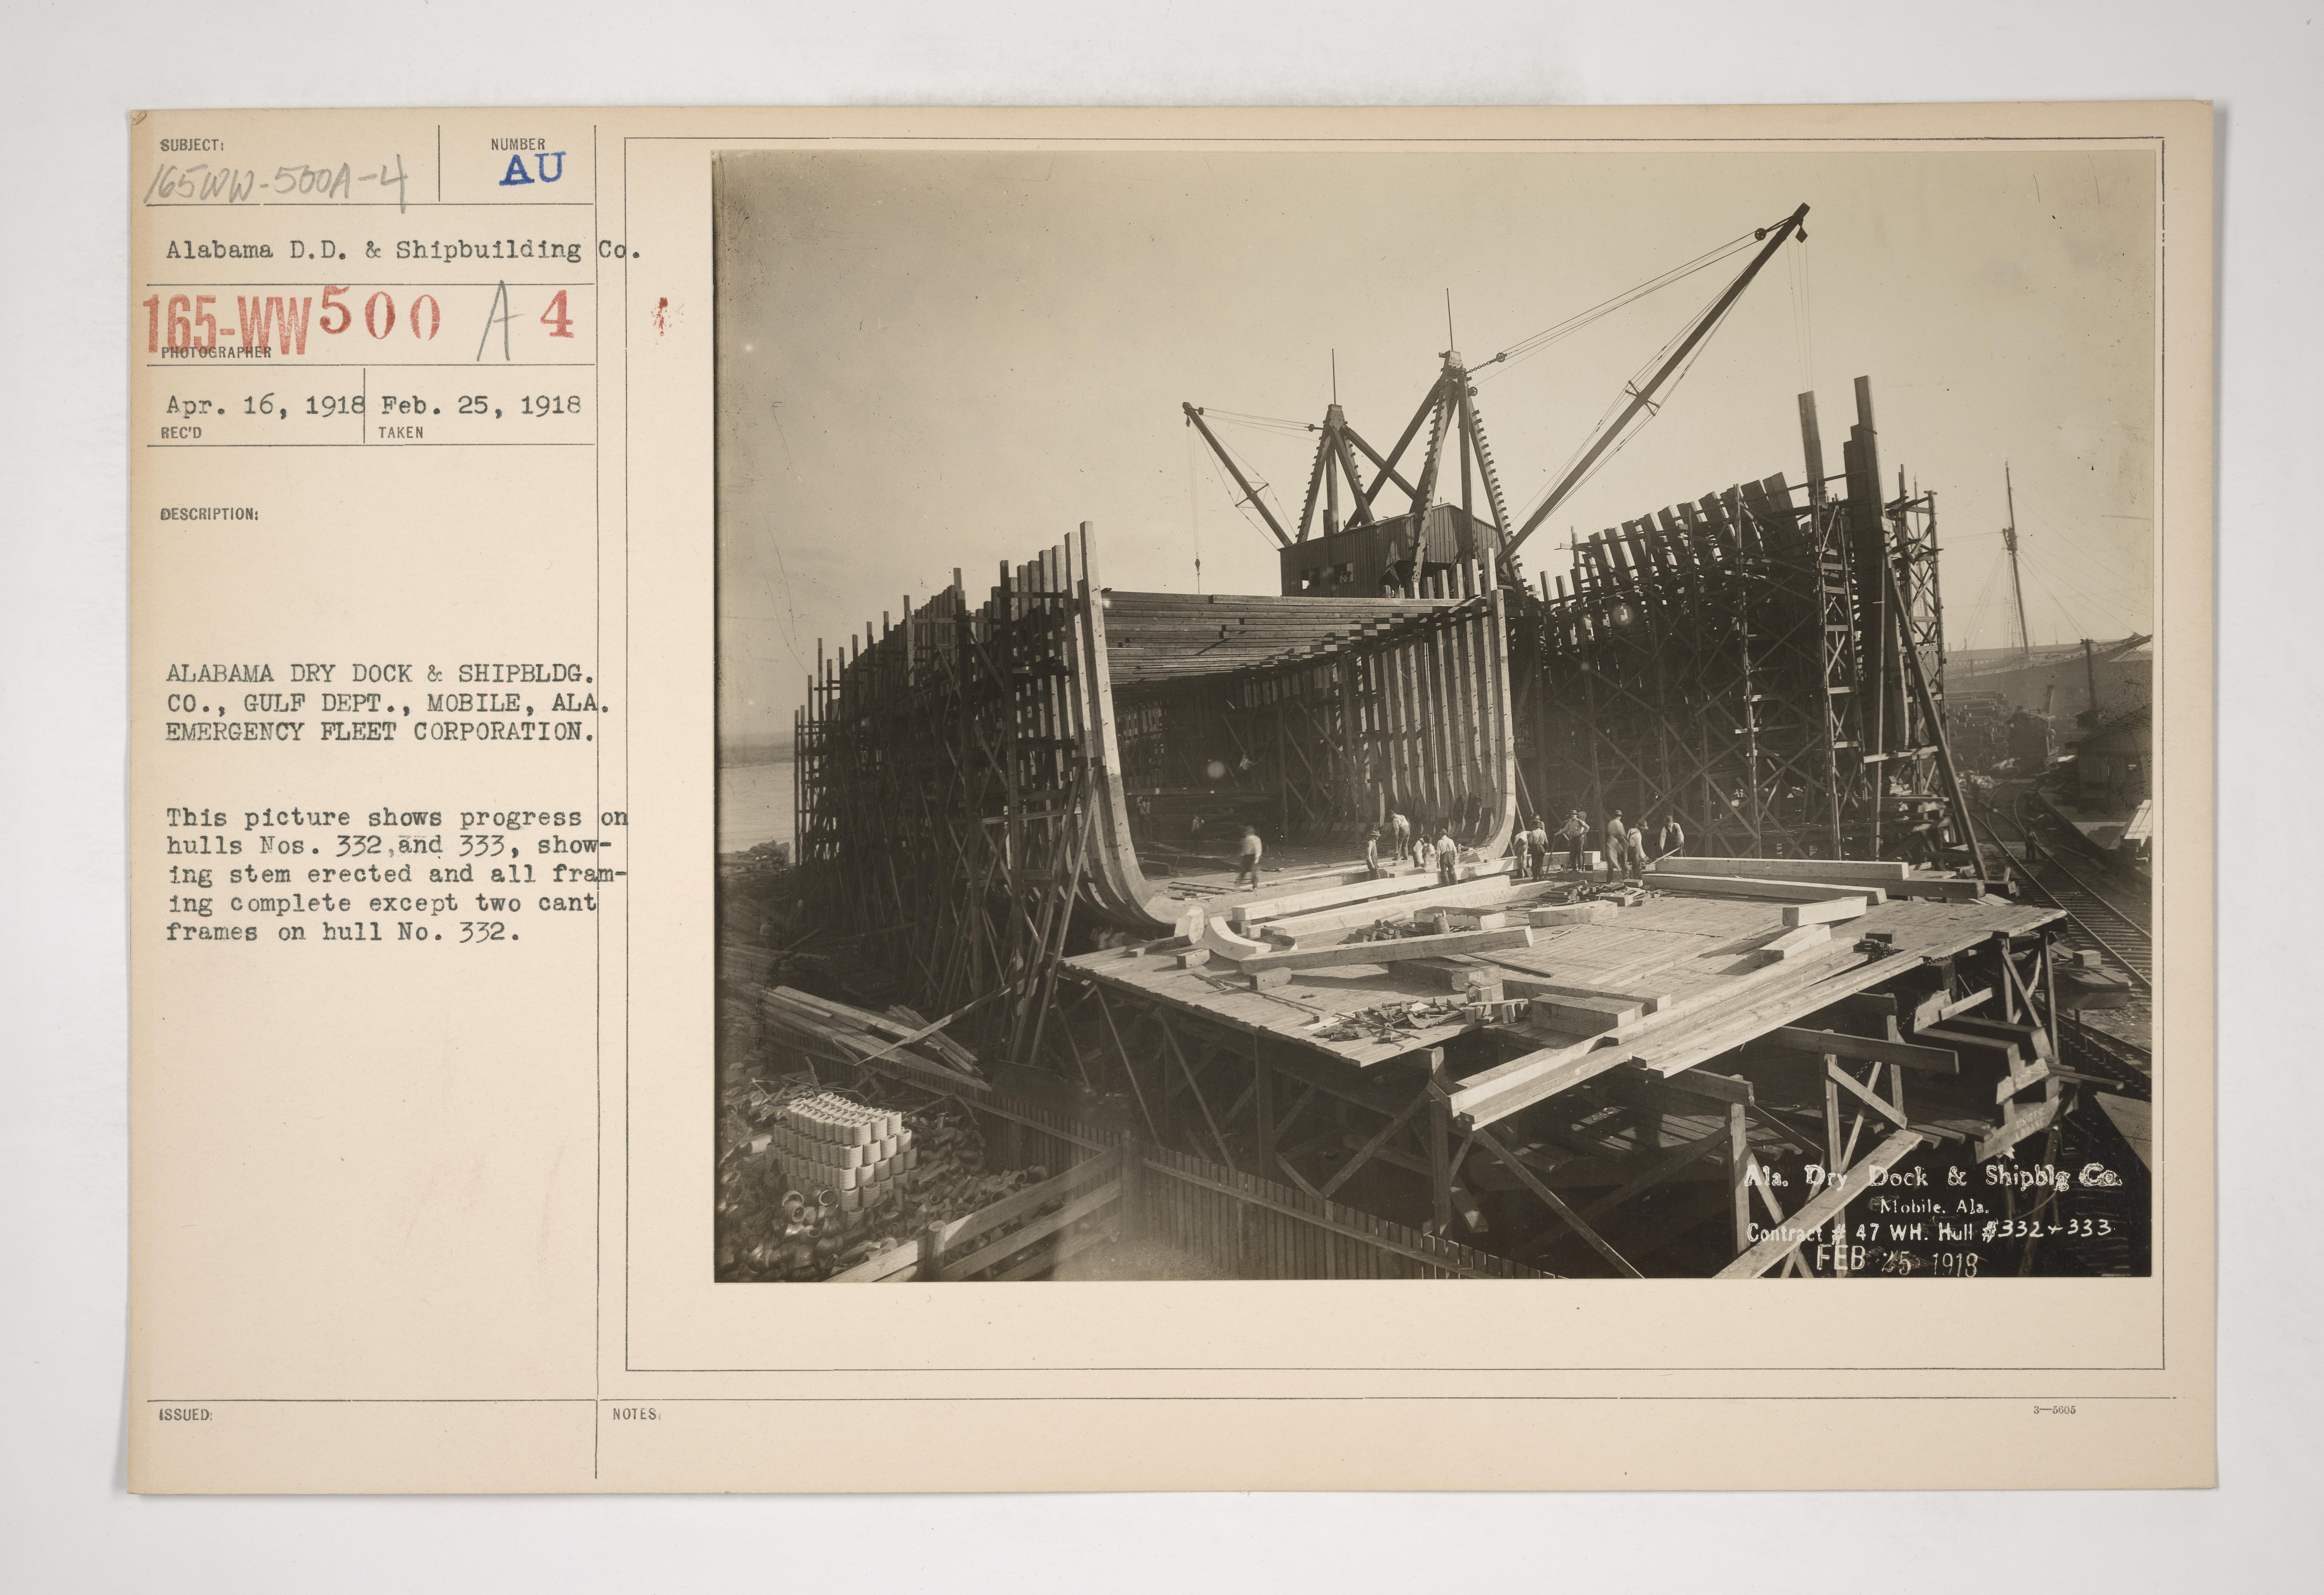 OMNIA - shipbuilding